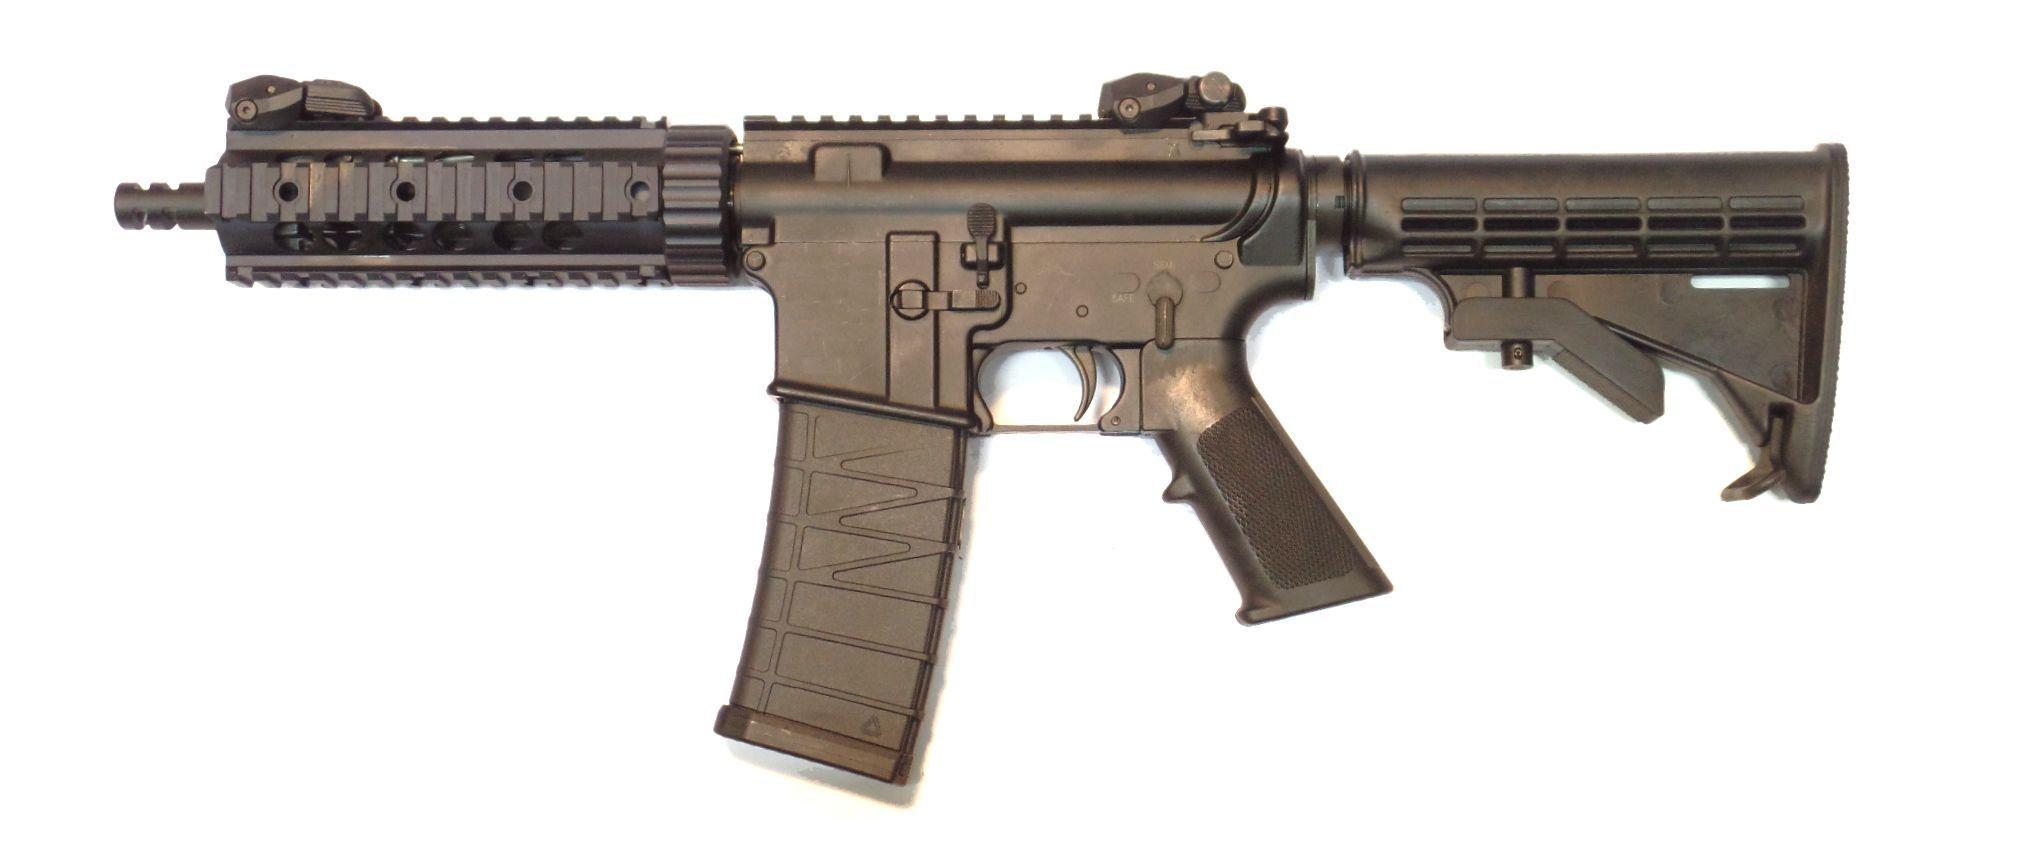 NORINCO M4 calibre 5.56x45